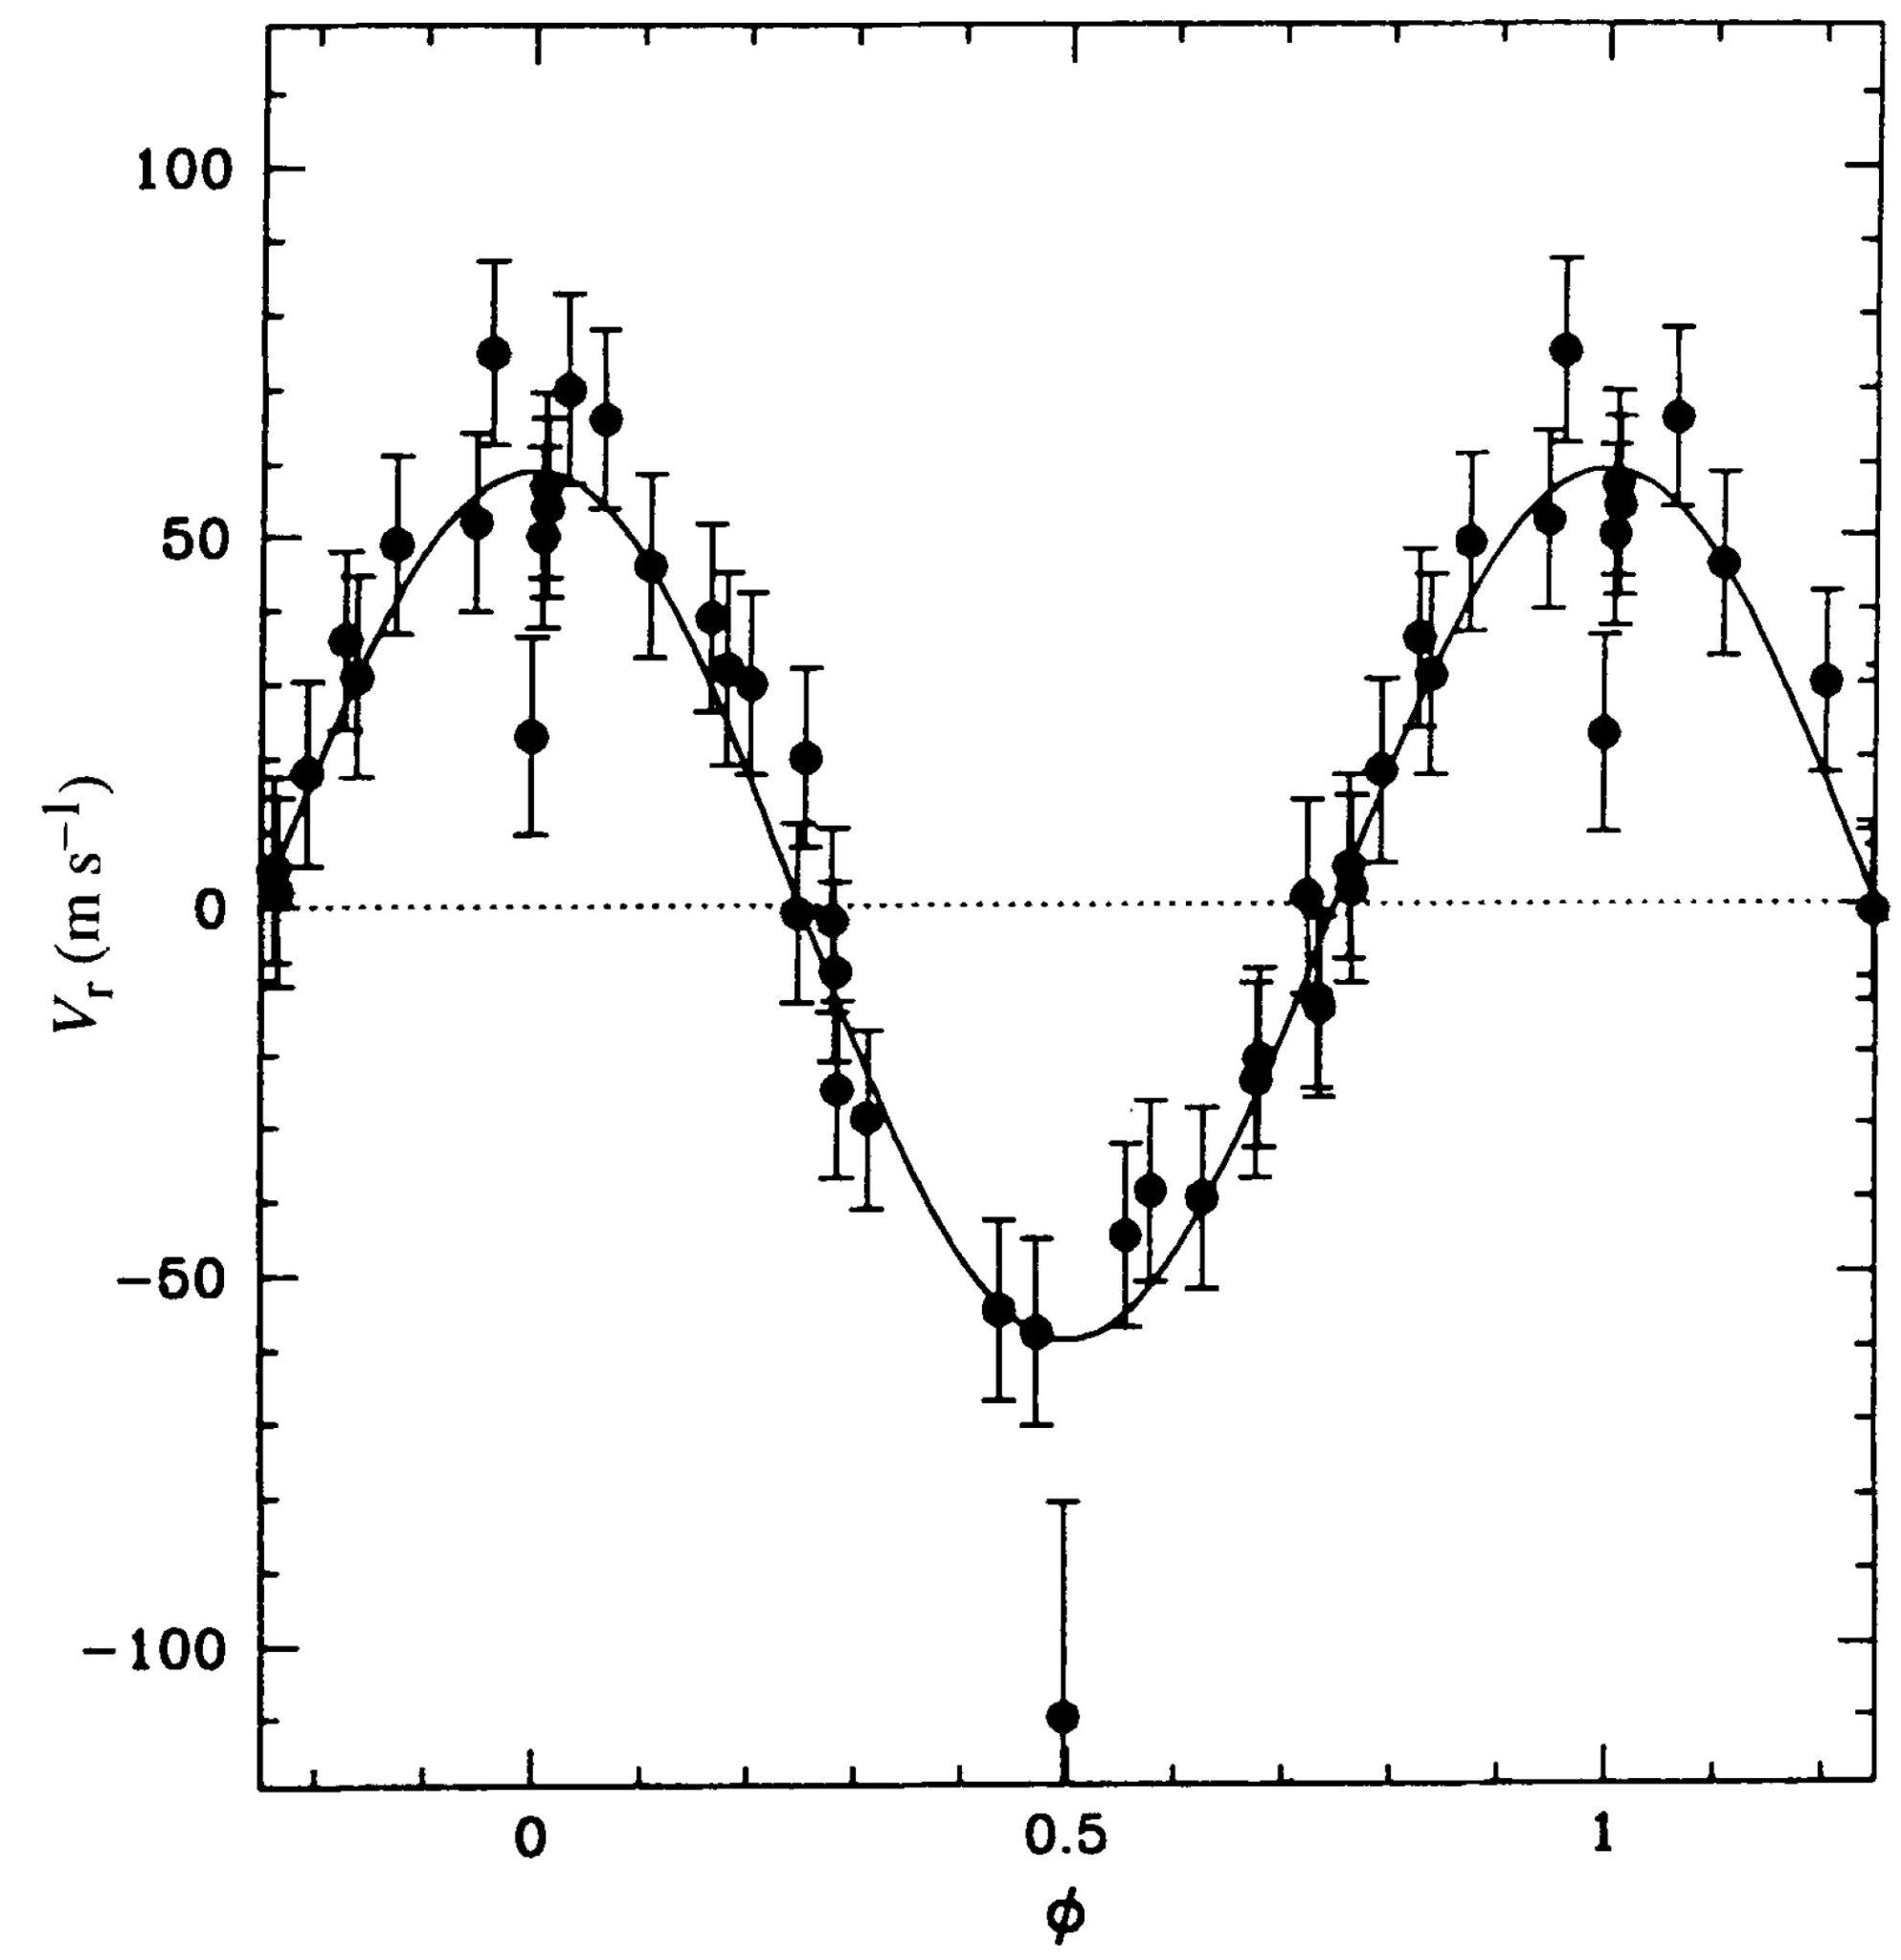 Рис.1. Исторический рисунок из работыMayor &Queloz(1995). Изменение лучевой скорости звезды 51 Пегаса взависимости от фазы периода (4,2 дня)